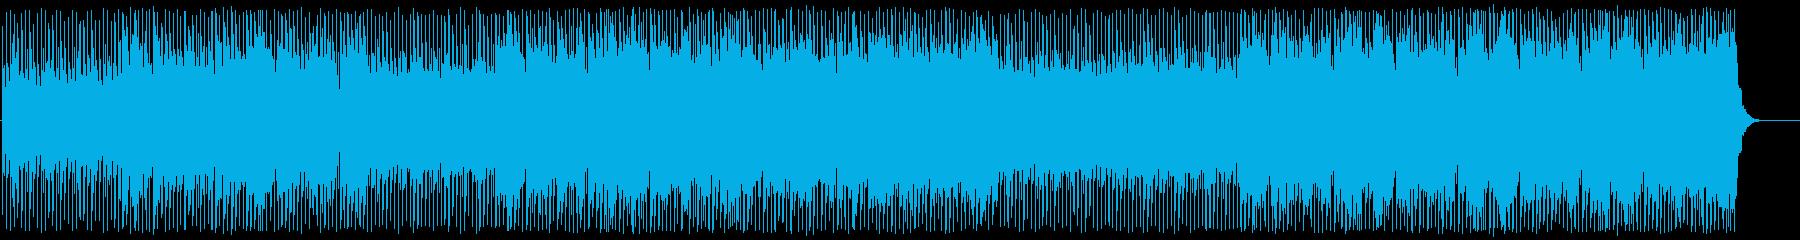 メローでマイナ―なシンセサウンドの再生済みの波形